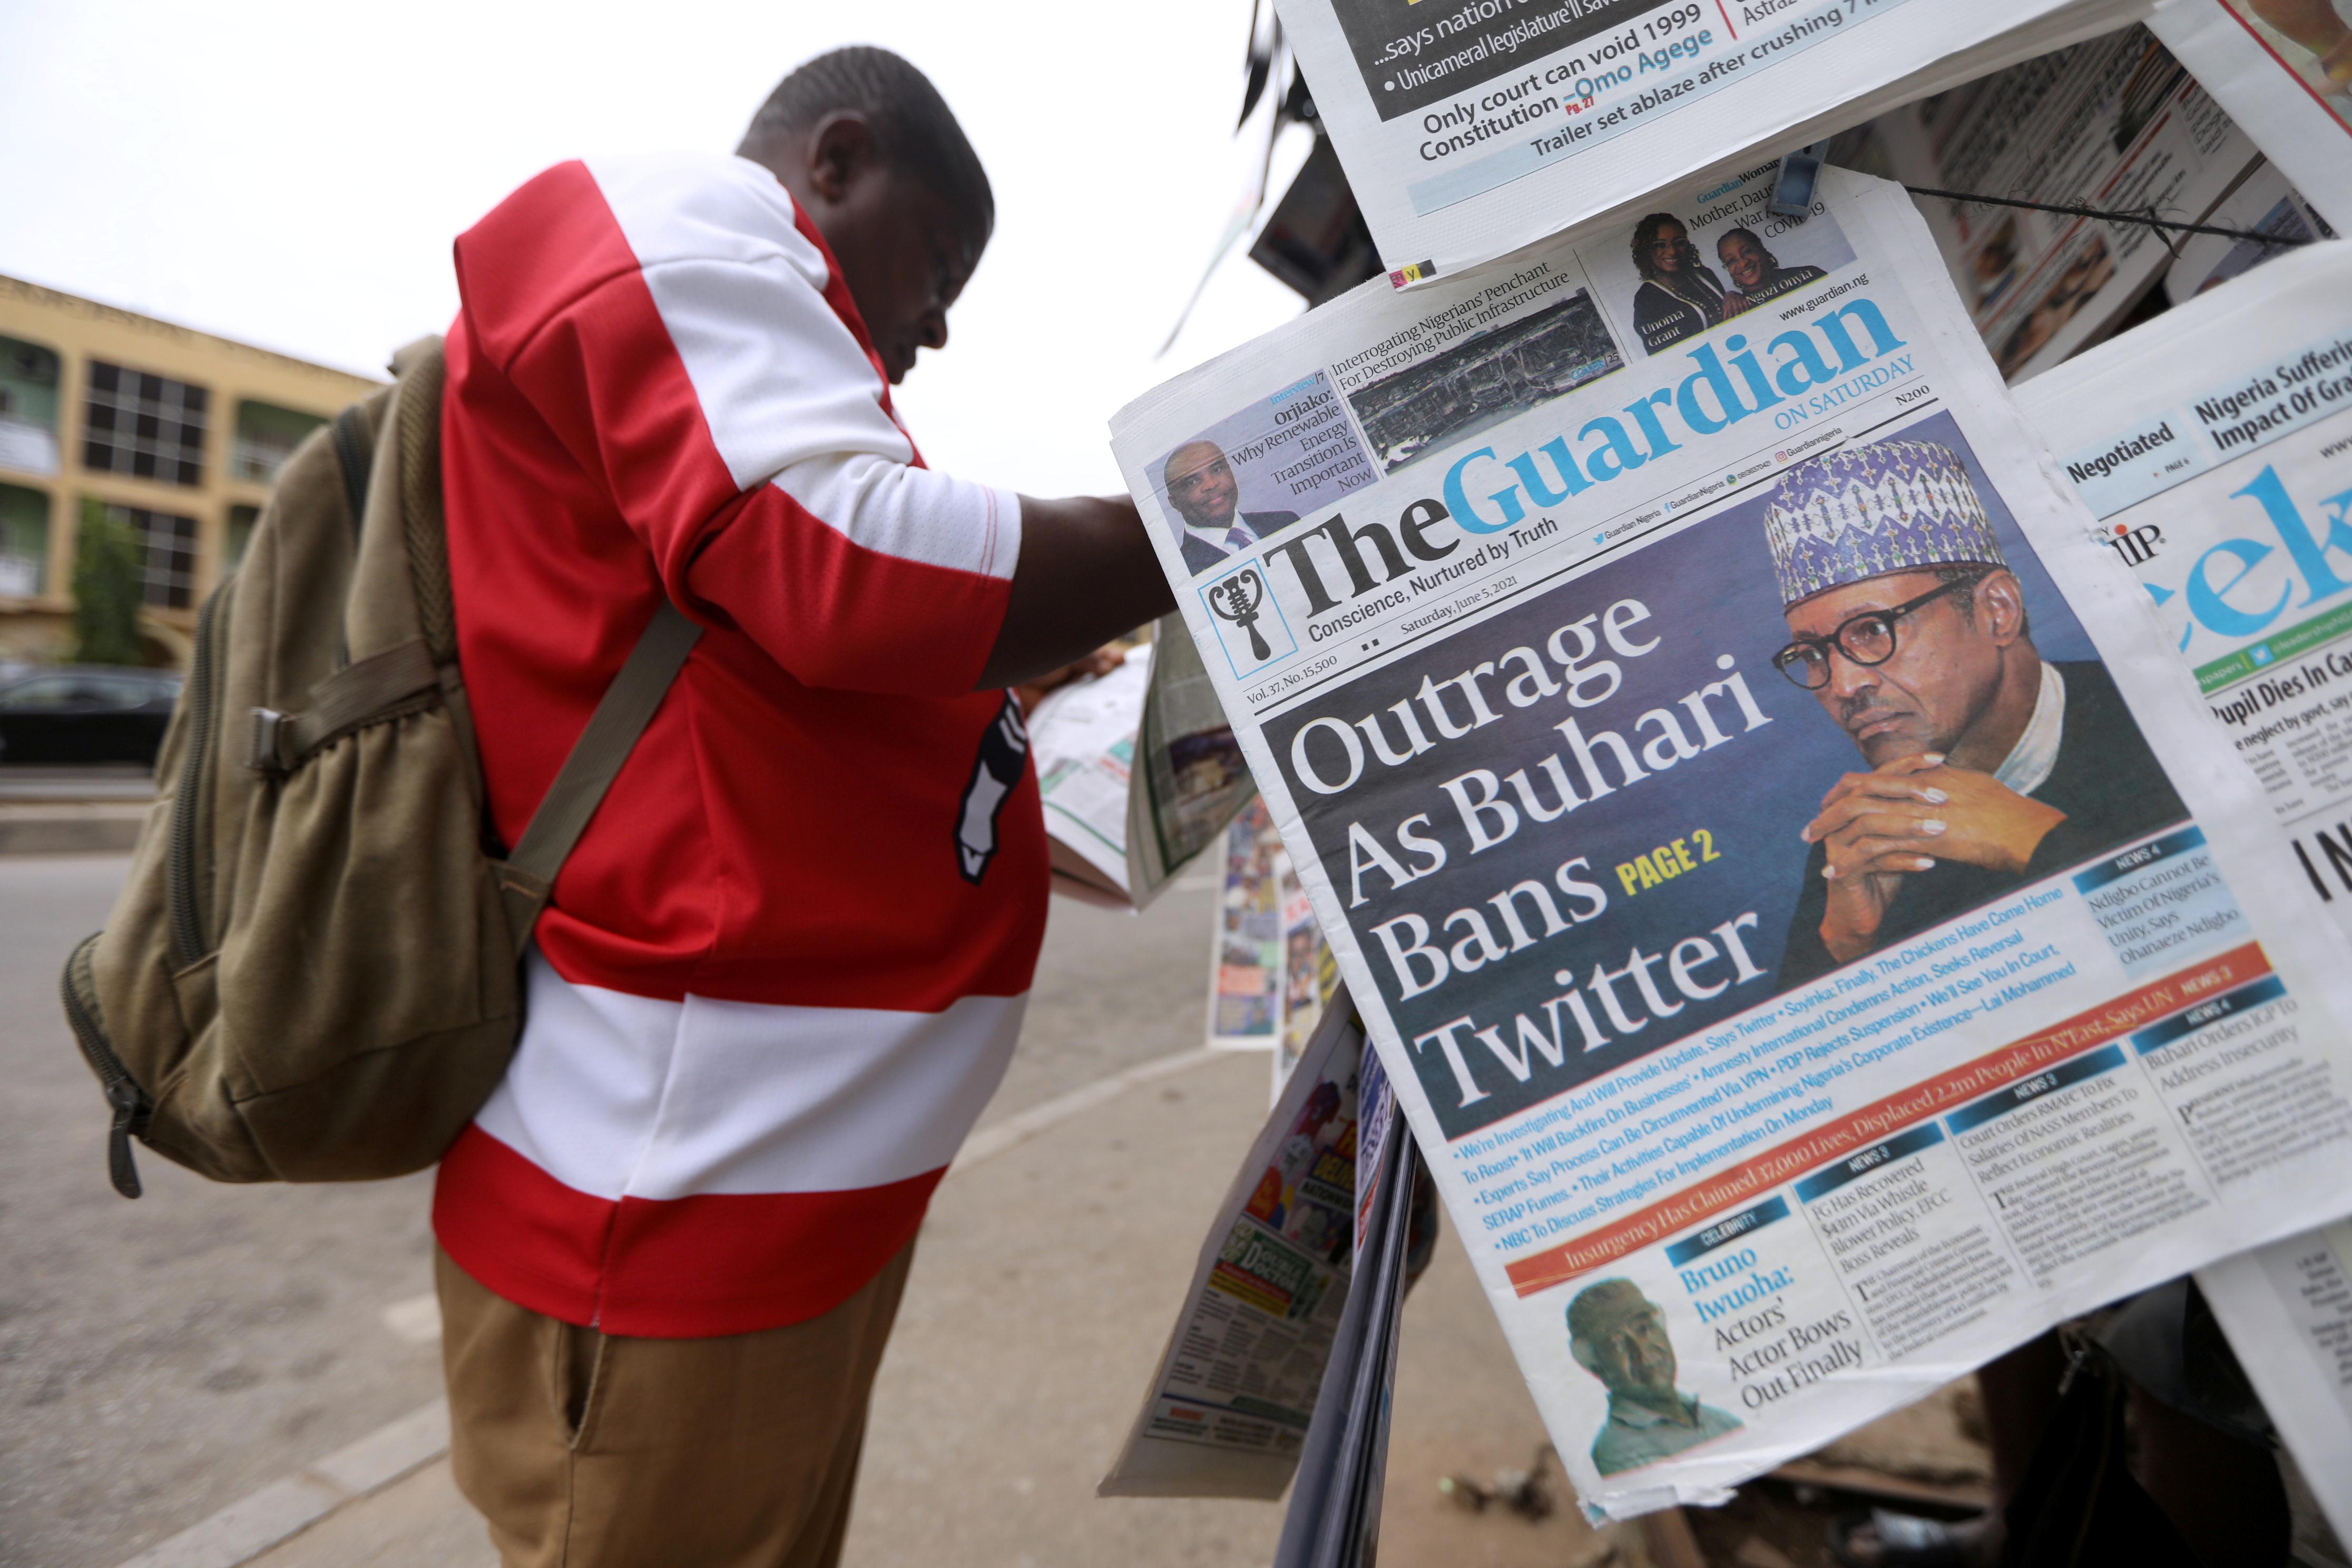 A man reads a newspaper at a newsstand in Abuja, Nigeria June 5, 2021. REUTERS/Afolabi Sotunde